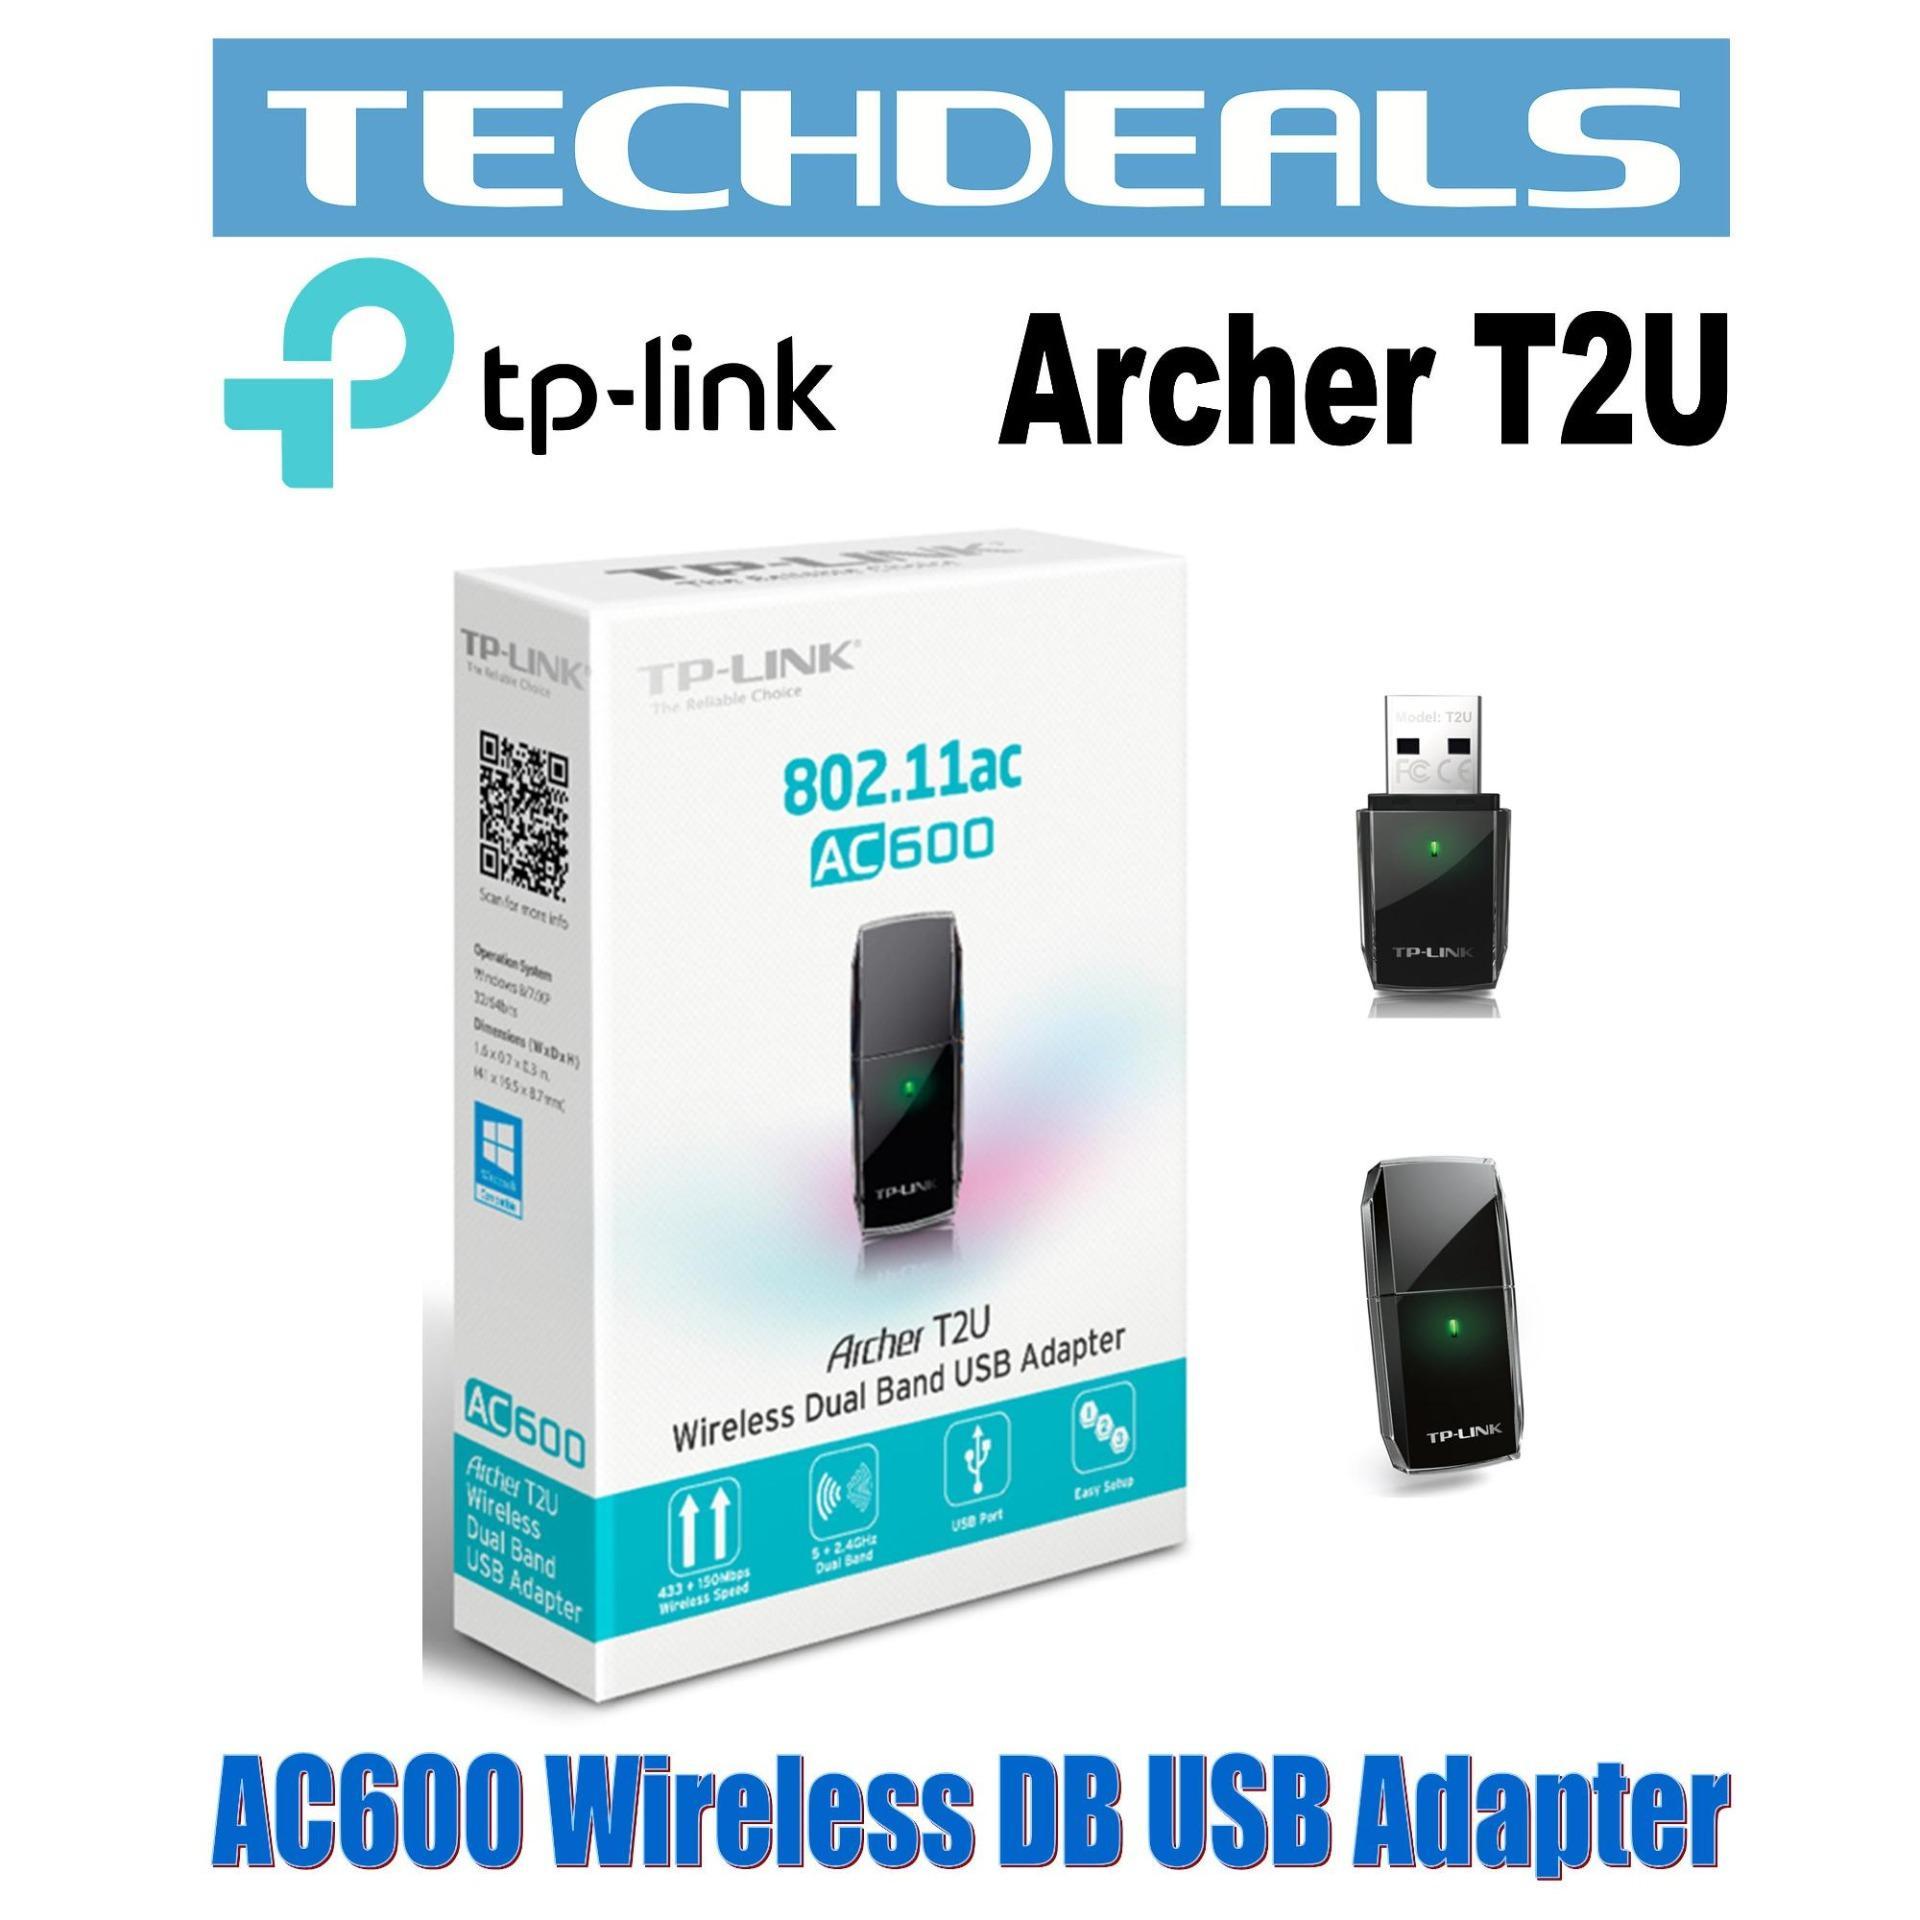 TP-Link Archer T2U AC600 Wi-Fi USB Adapter